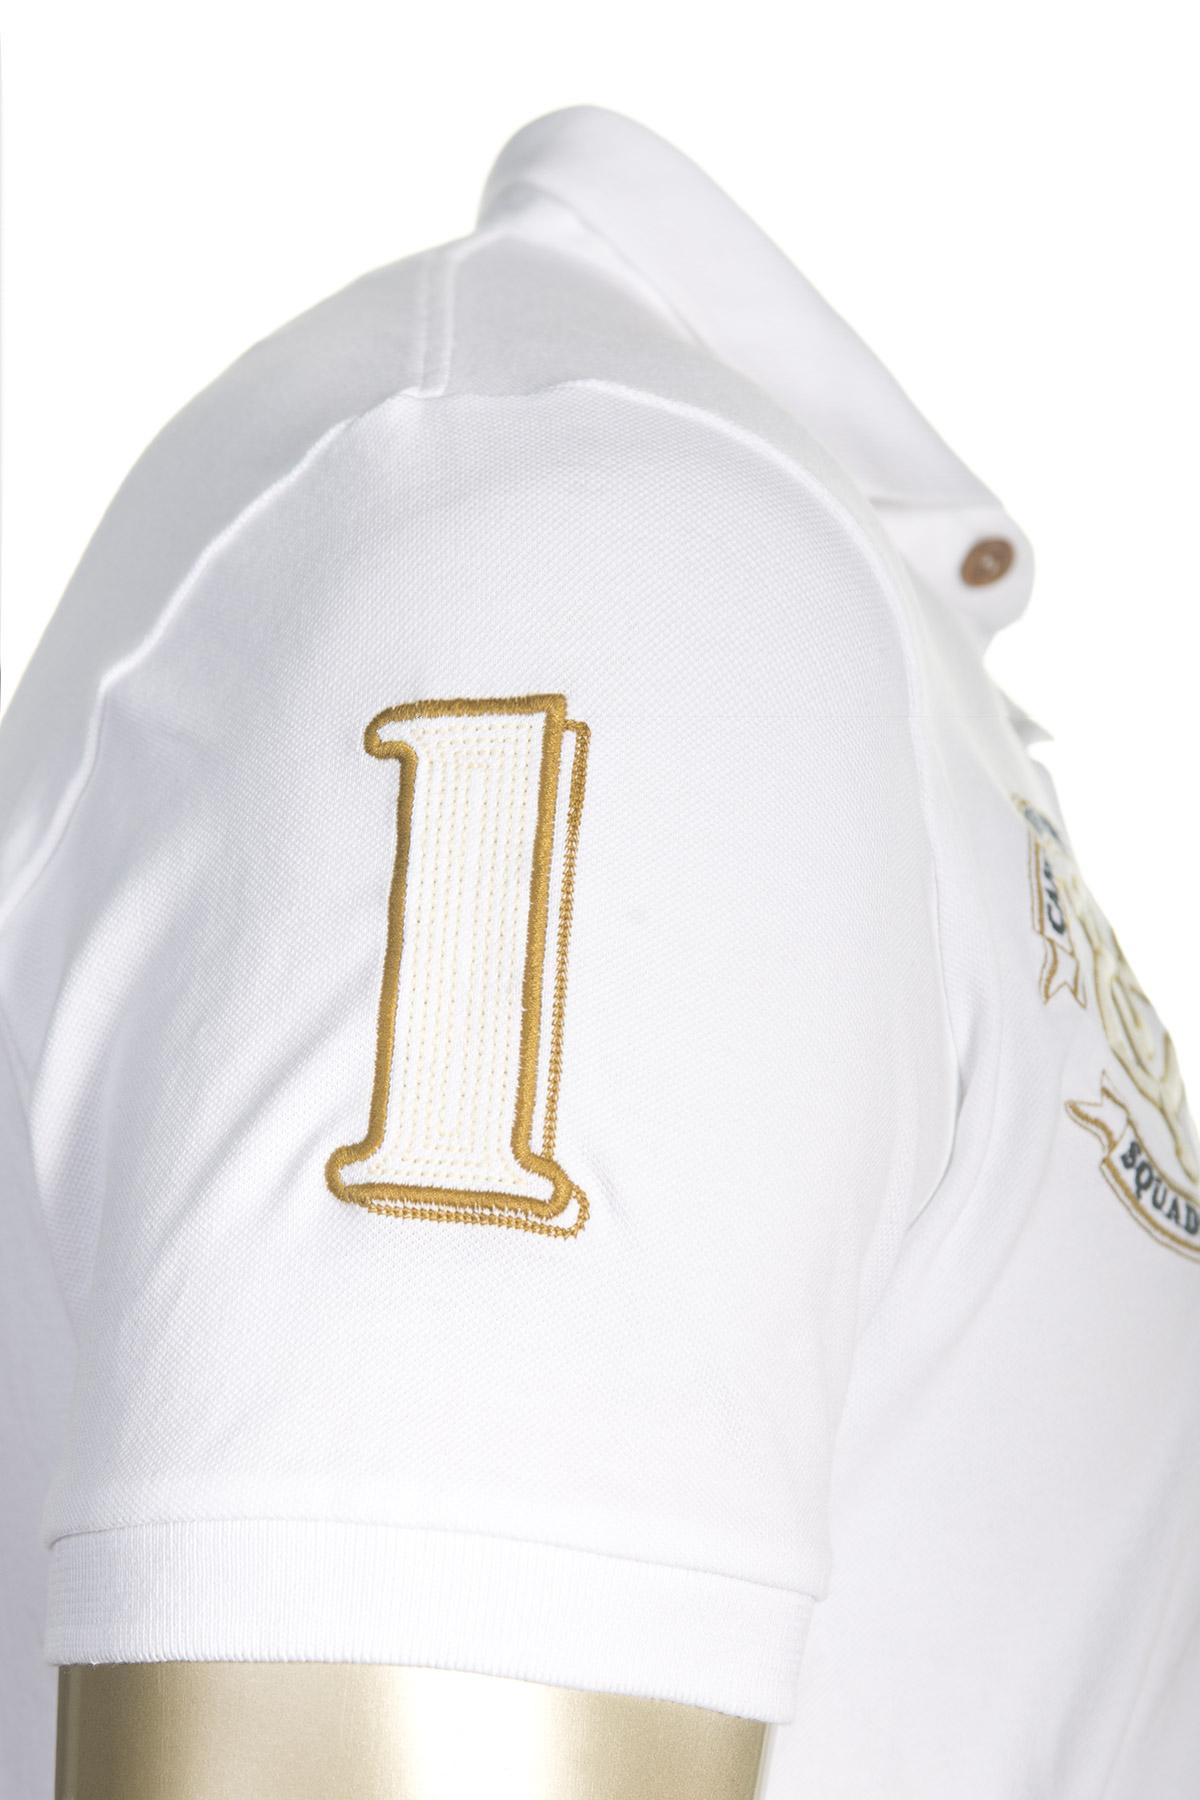 Luca Betti indossa polo in piqué di cotone Giro di Boa - Polo Uomo - Canottieri Portofino